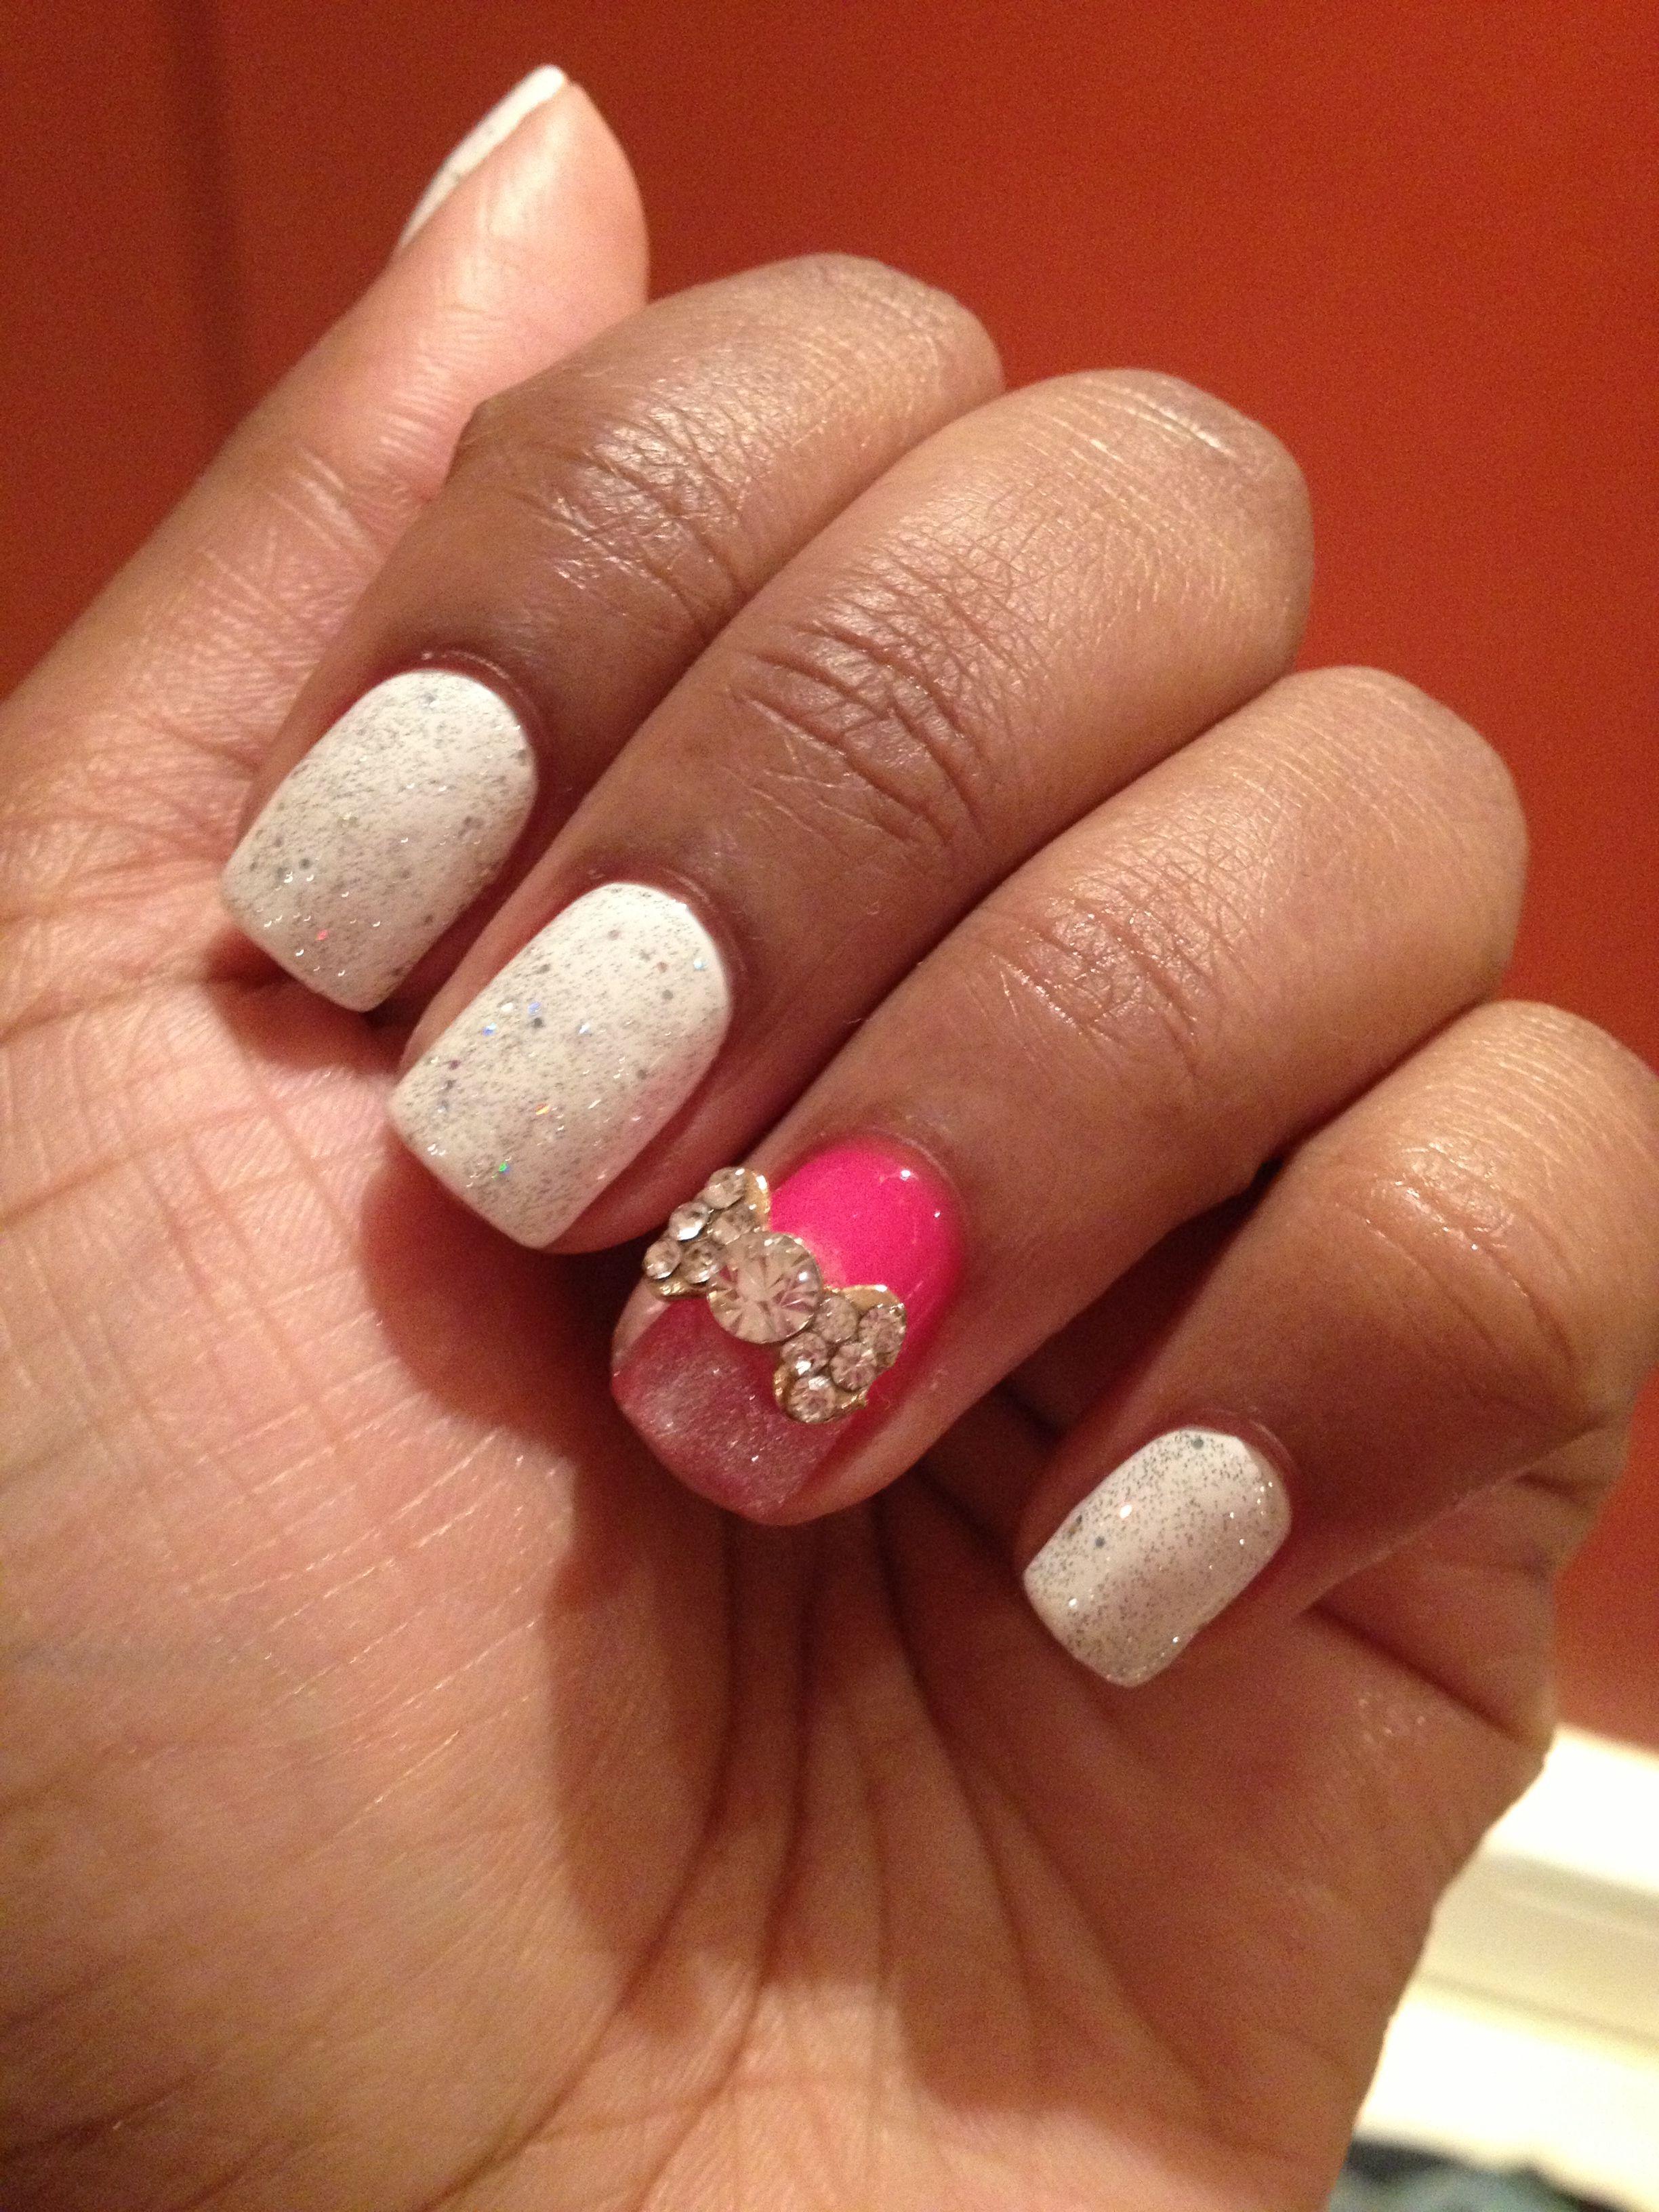 By Efficient Nails Baldwin Ny You Nailed It Nails Efficiency